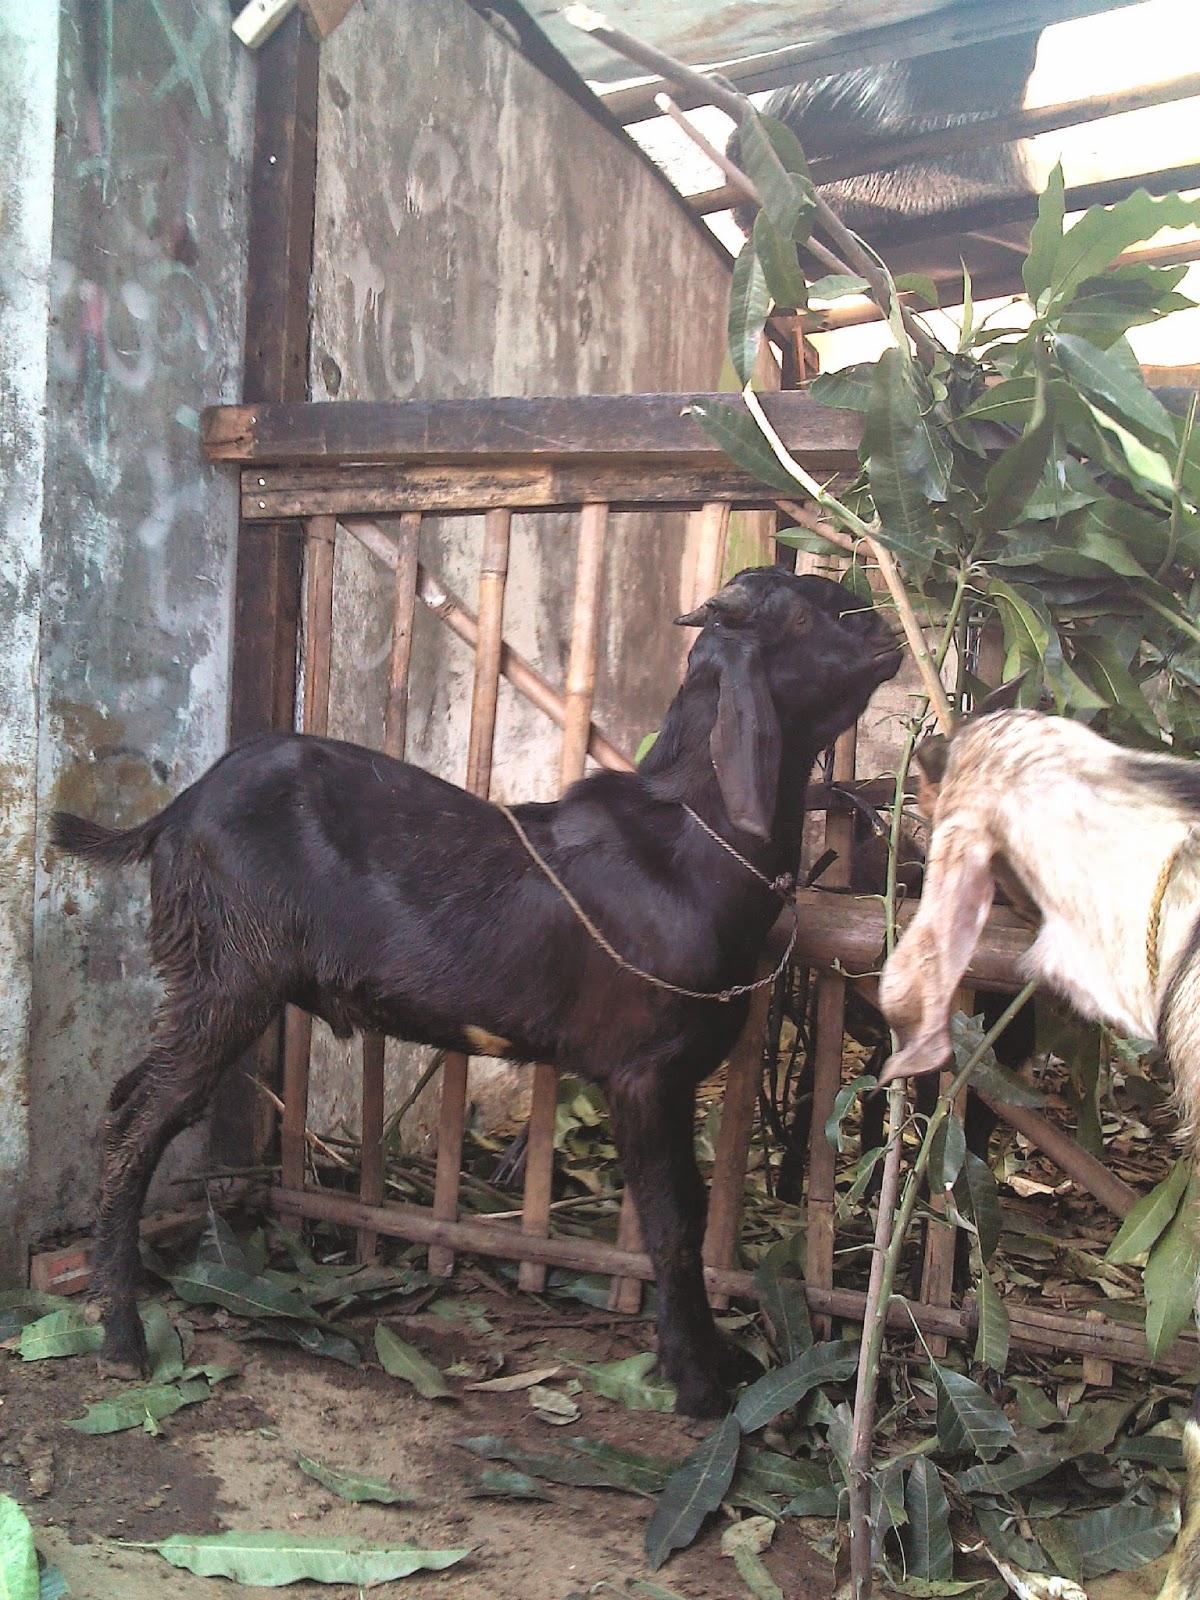 http://pusatlayananaqiqah.blogspot.com